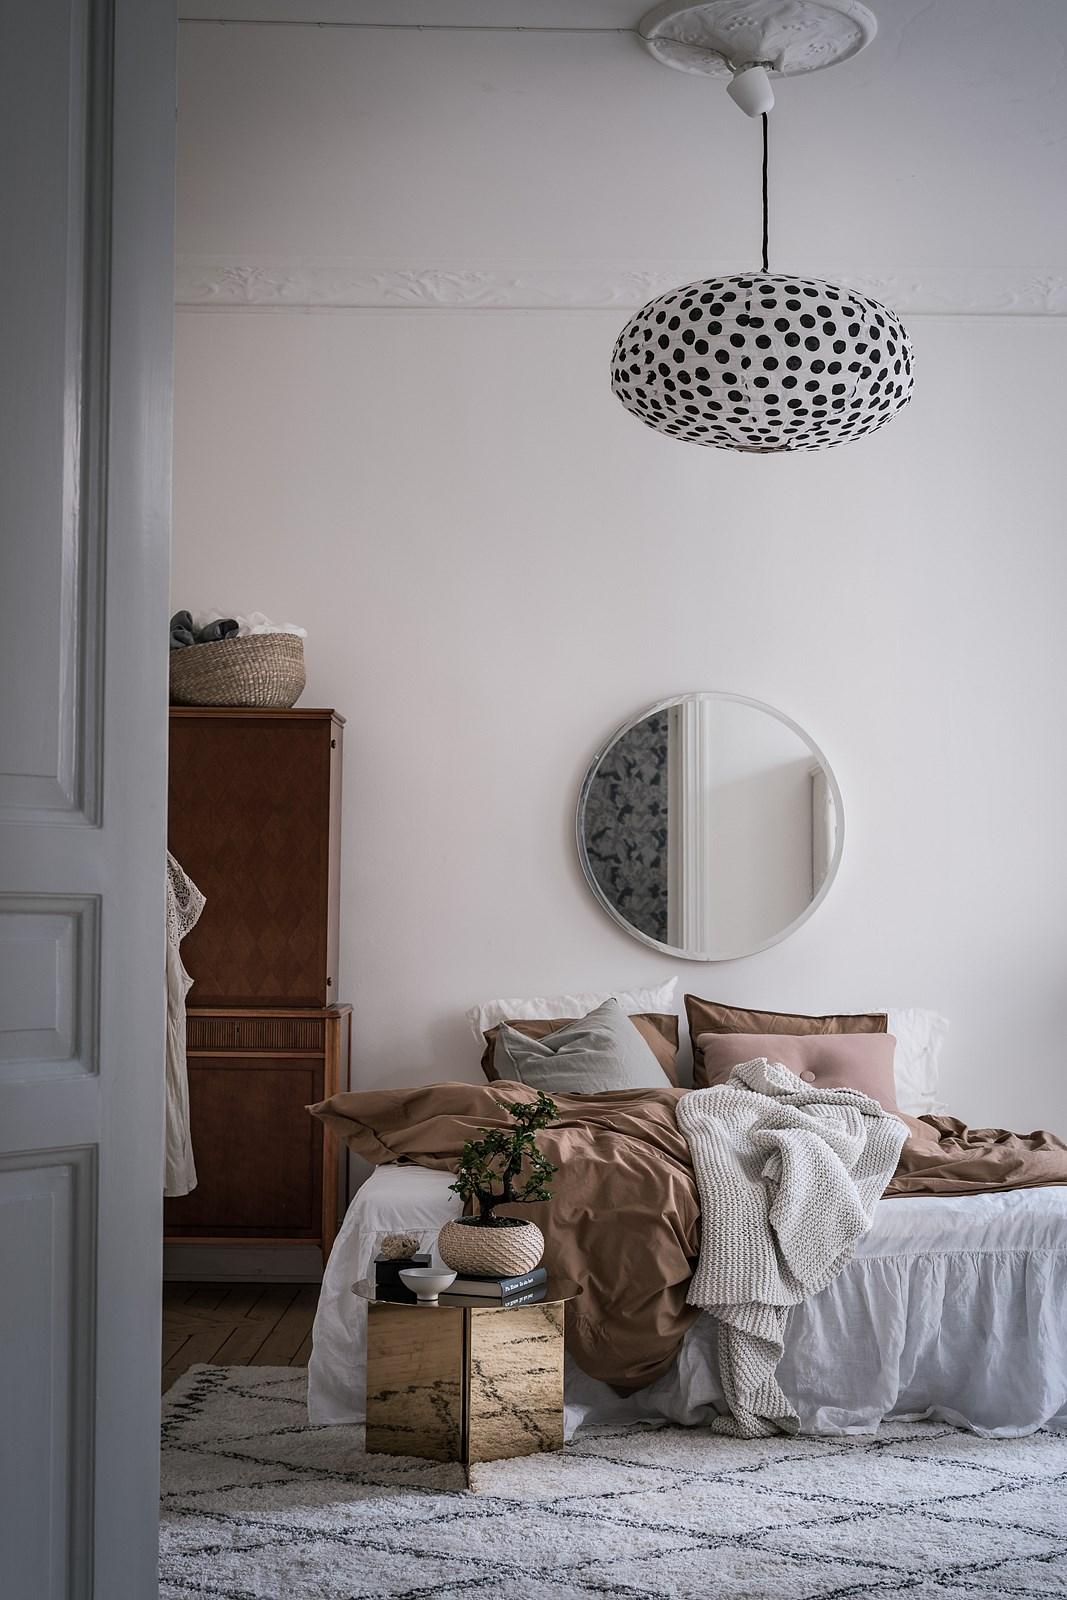 спальня кровать текстиль комод белая дверь